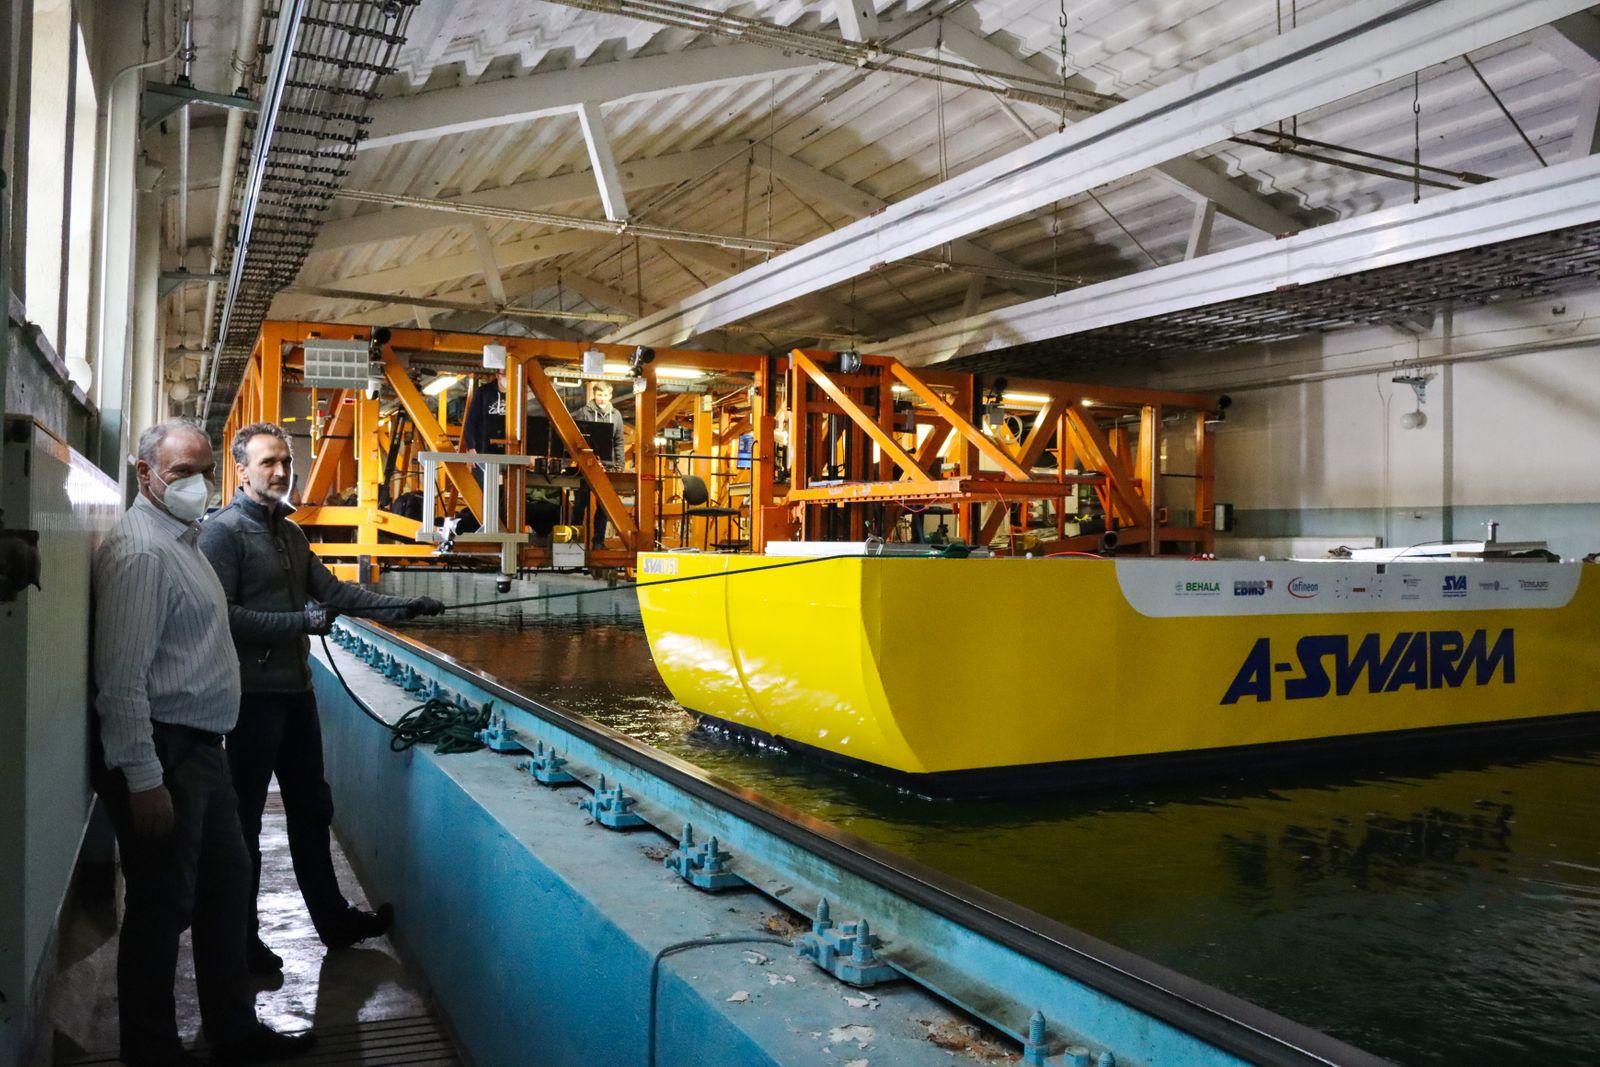 """Test des """"A-SWARM""""-Prototypen in der Schlepprinne der """"Schiffbau-Versuchsanstalt Potsdam"""" mit deren Leiter, Dr. Christian Masilge und Björn Kolewe von der Universität Rostock"""